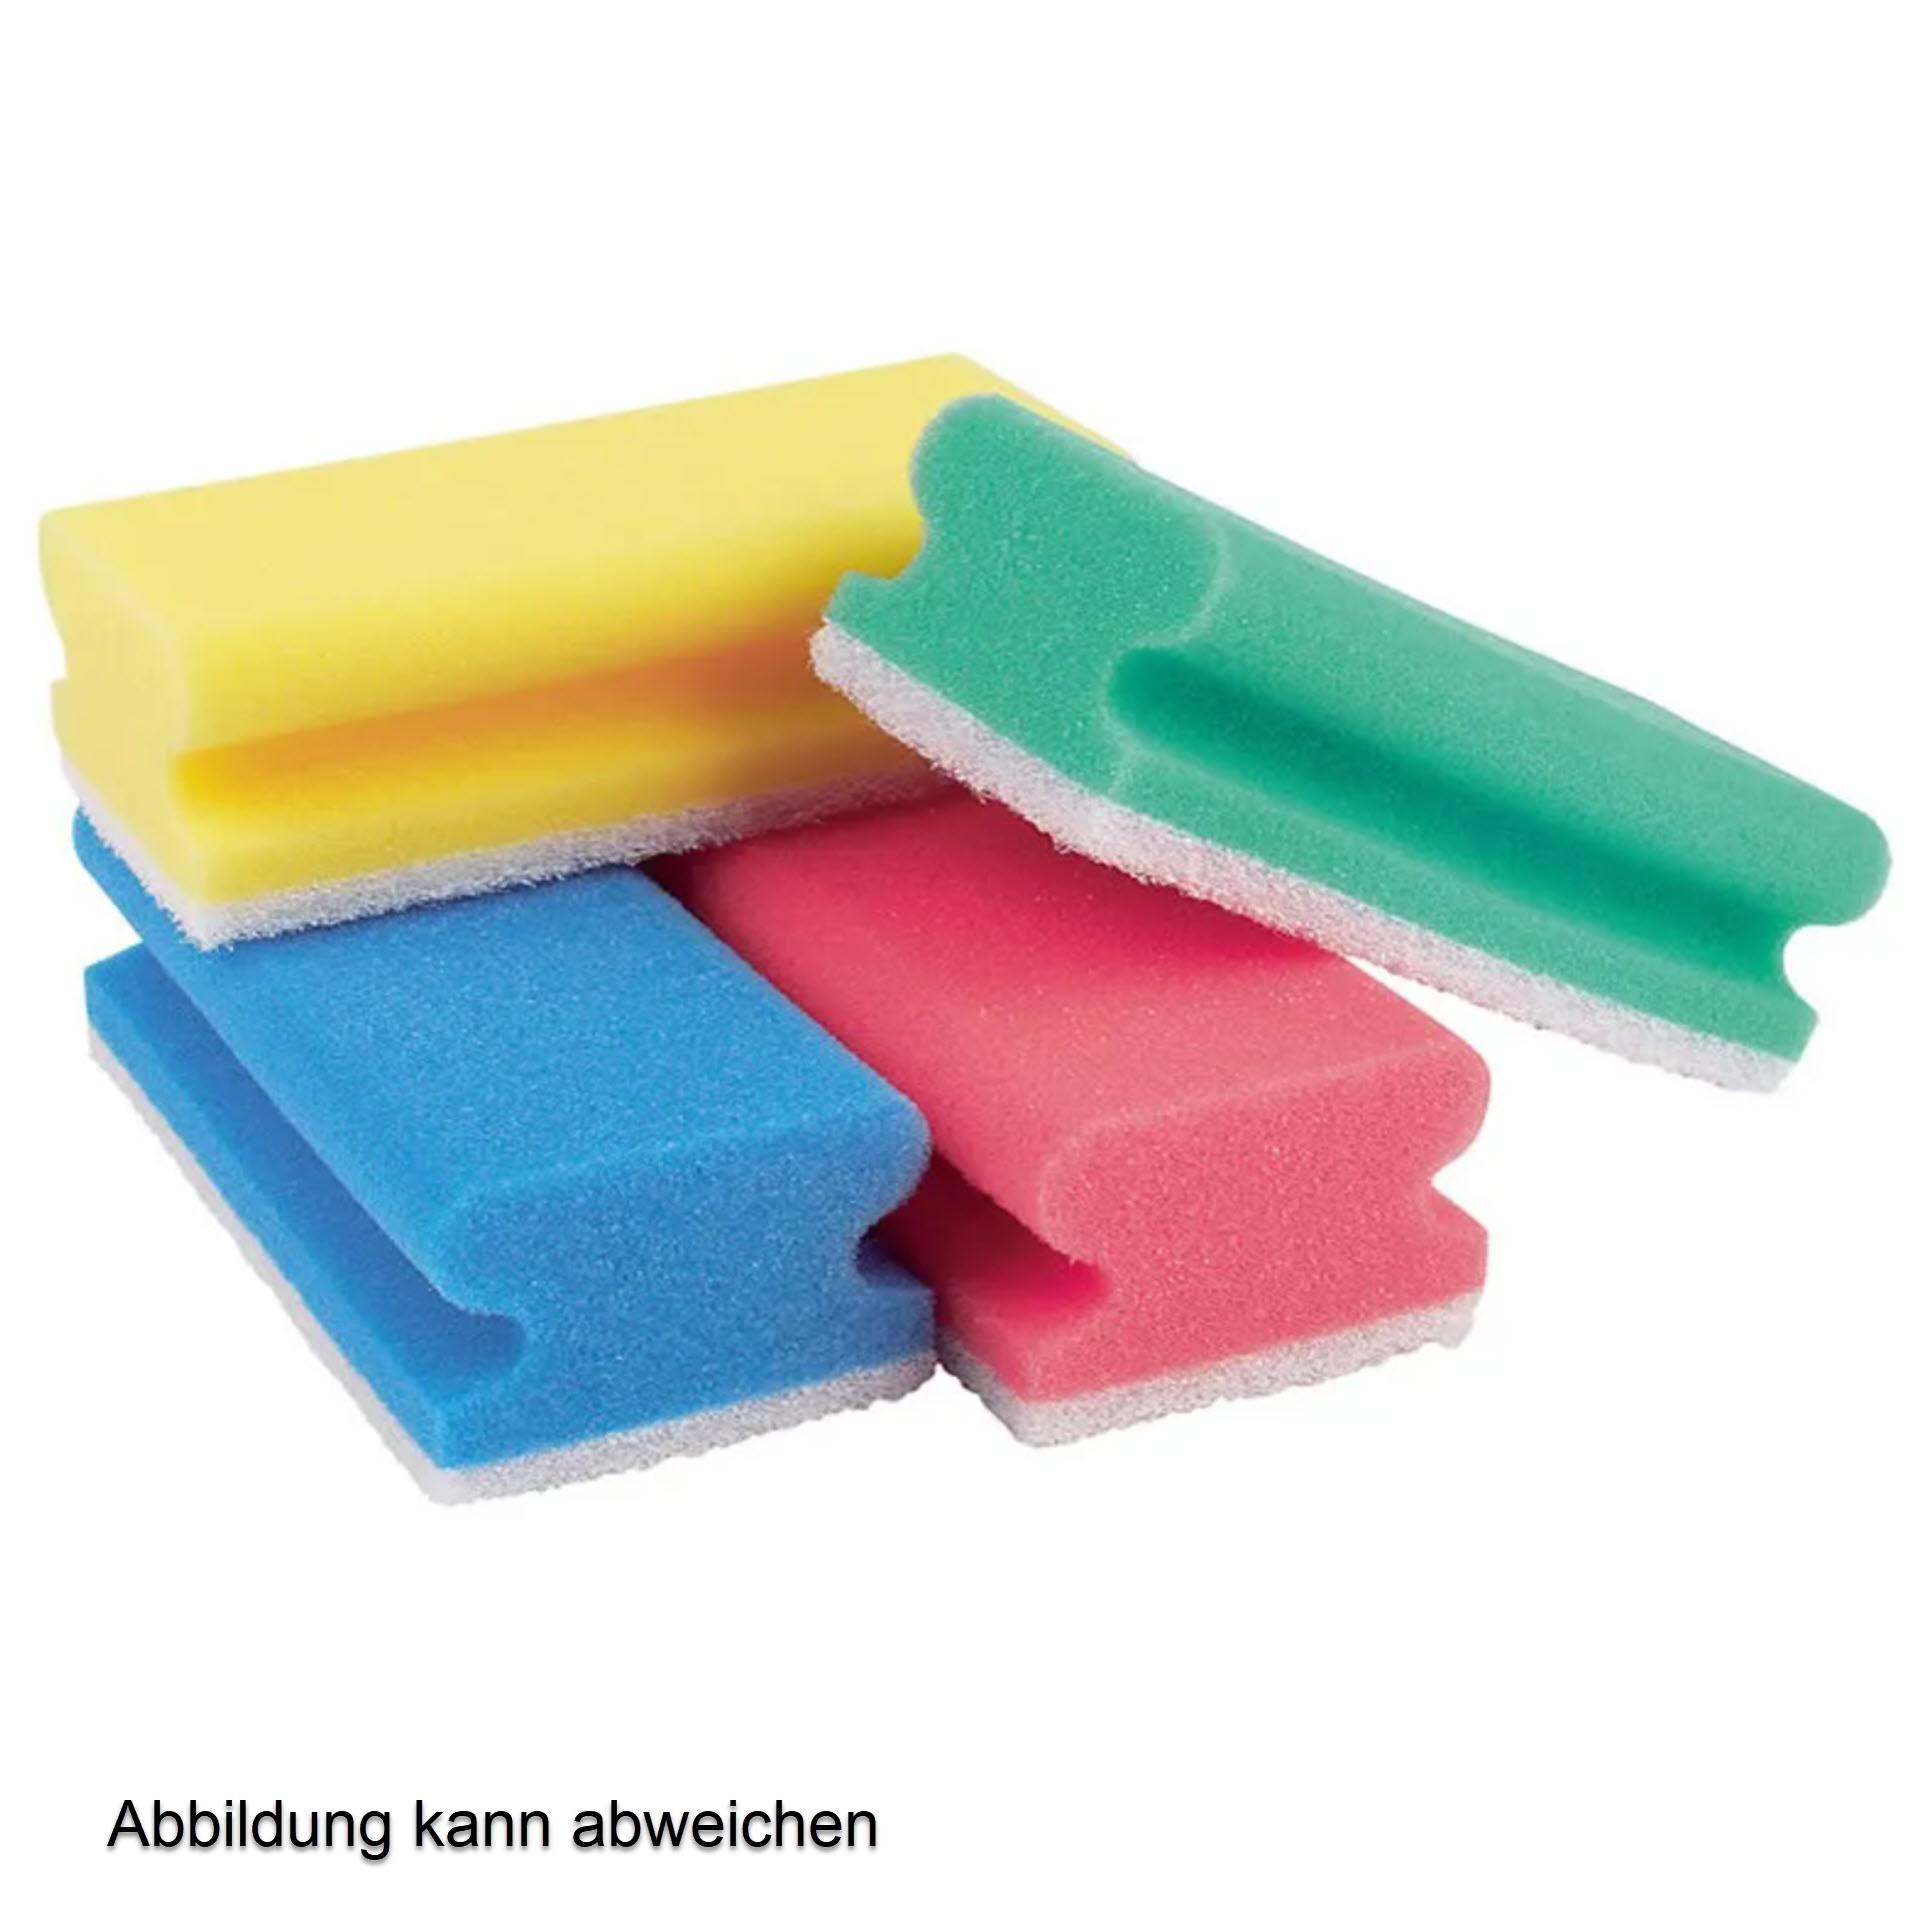 Mobiloclean Padschwamm / Putzschwamm kratzfrei 150x70x45mm - Pack mit 10 Stück